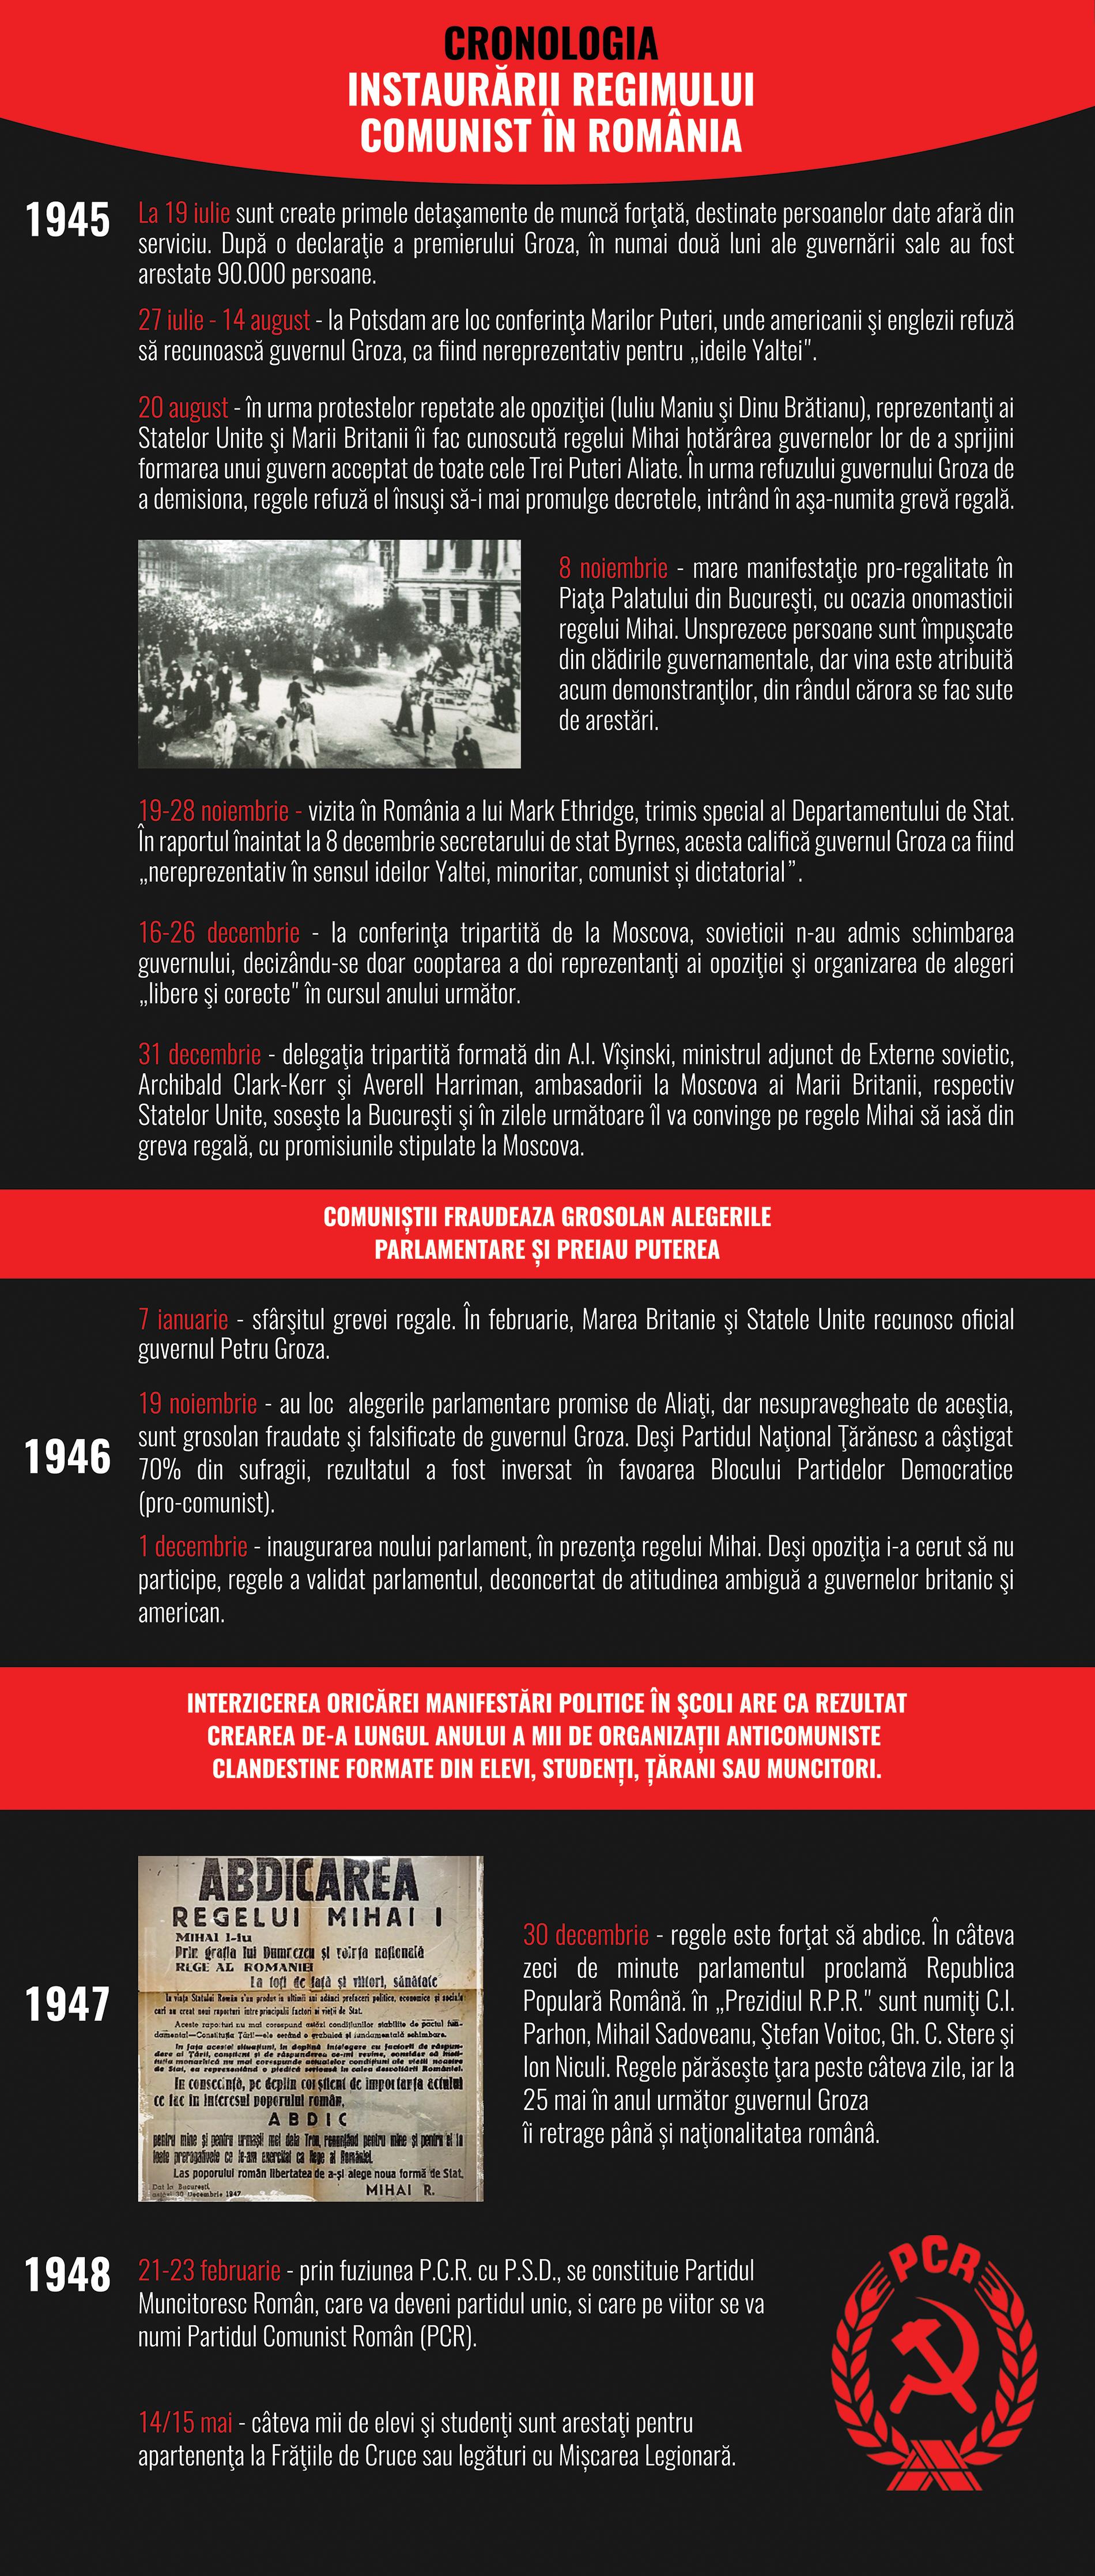 Cronologia instaurării regimului comunist în România - Bannerul 04 - Caravana Eroilor